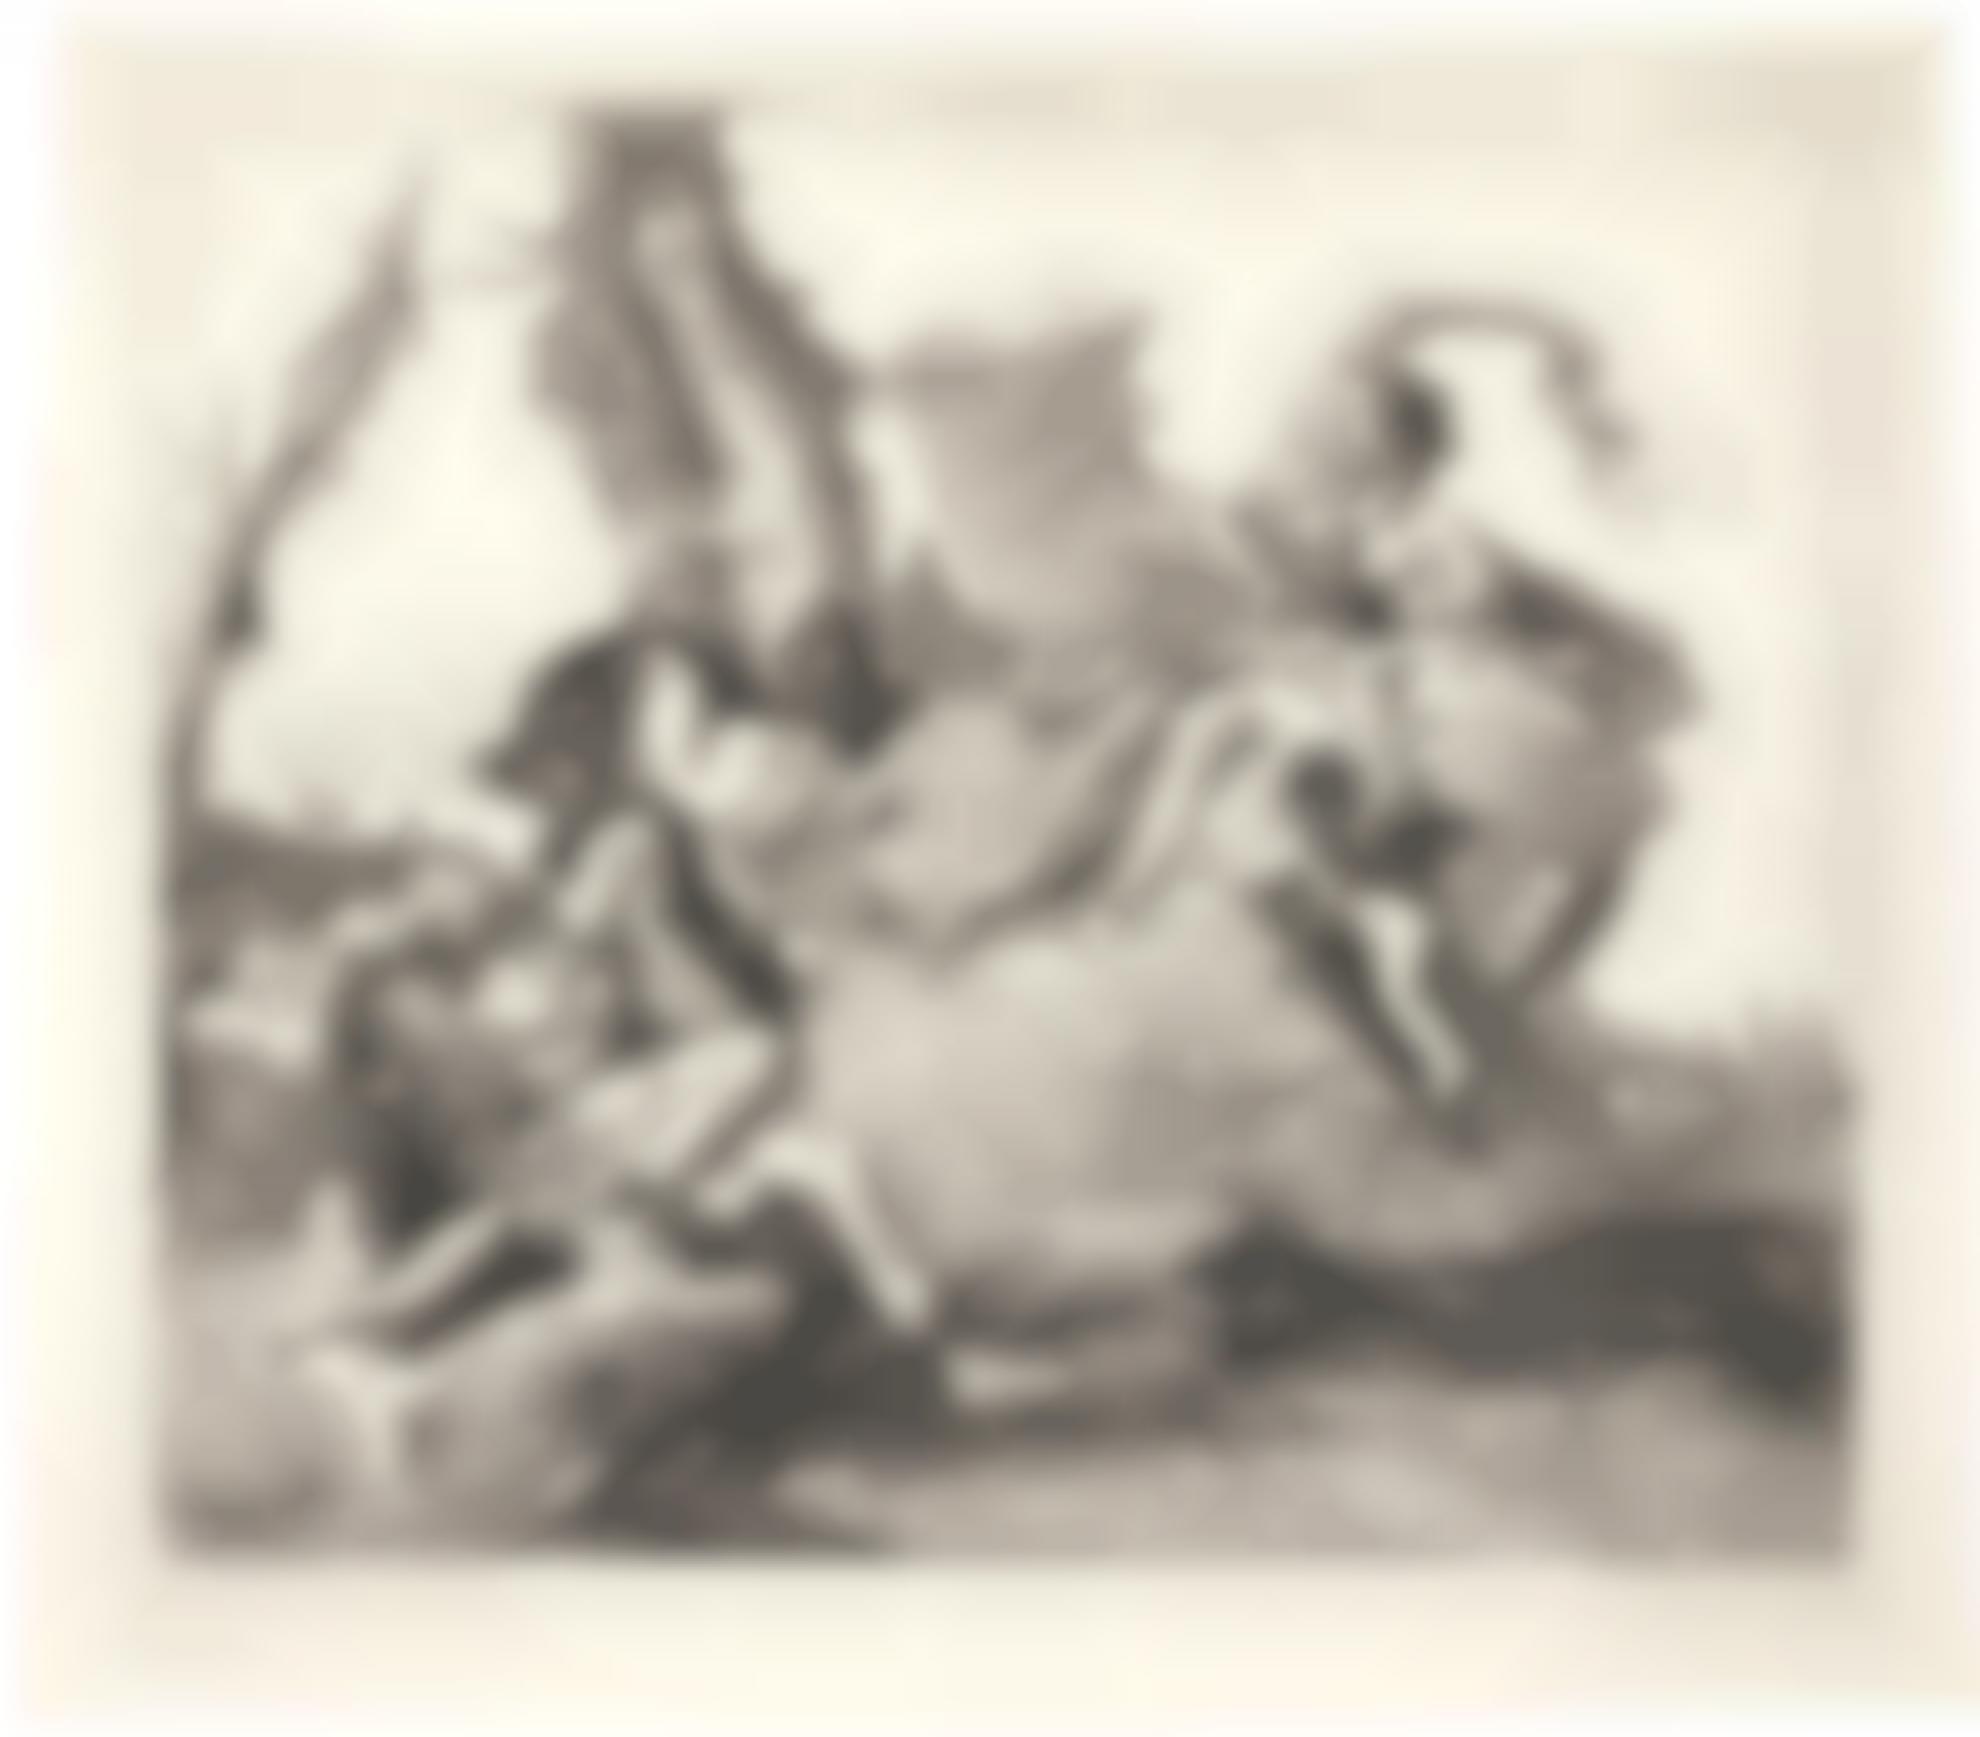 Giovanni Domenico Tiepolo-Armida Falls In Love With Rinaldo; And The Baptism Of The Emperor Constantine (De Vesme 94, 83; Rizzi 146, 134)-1760